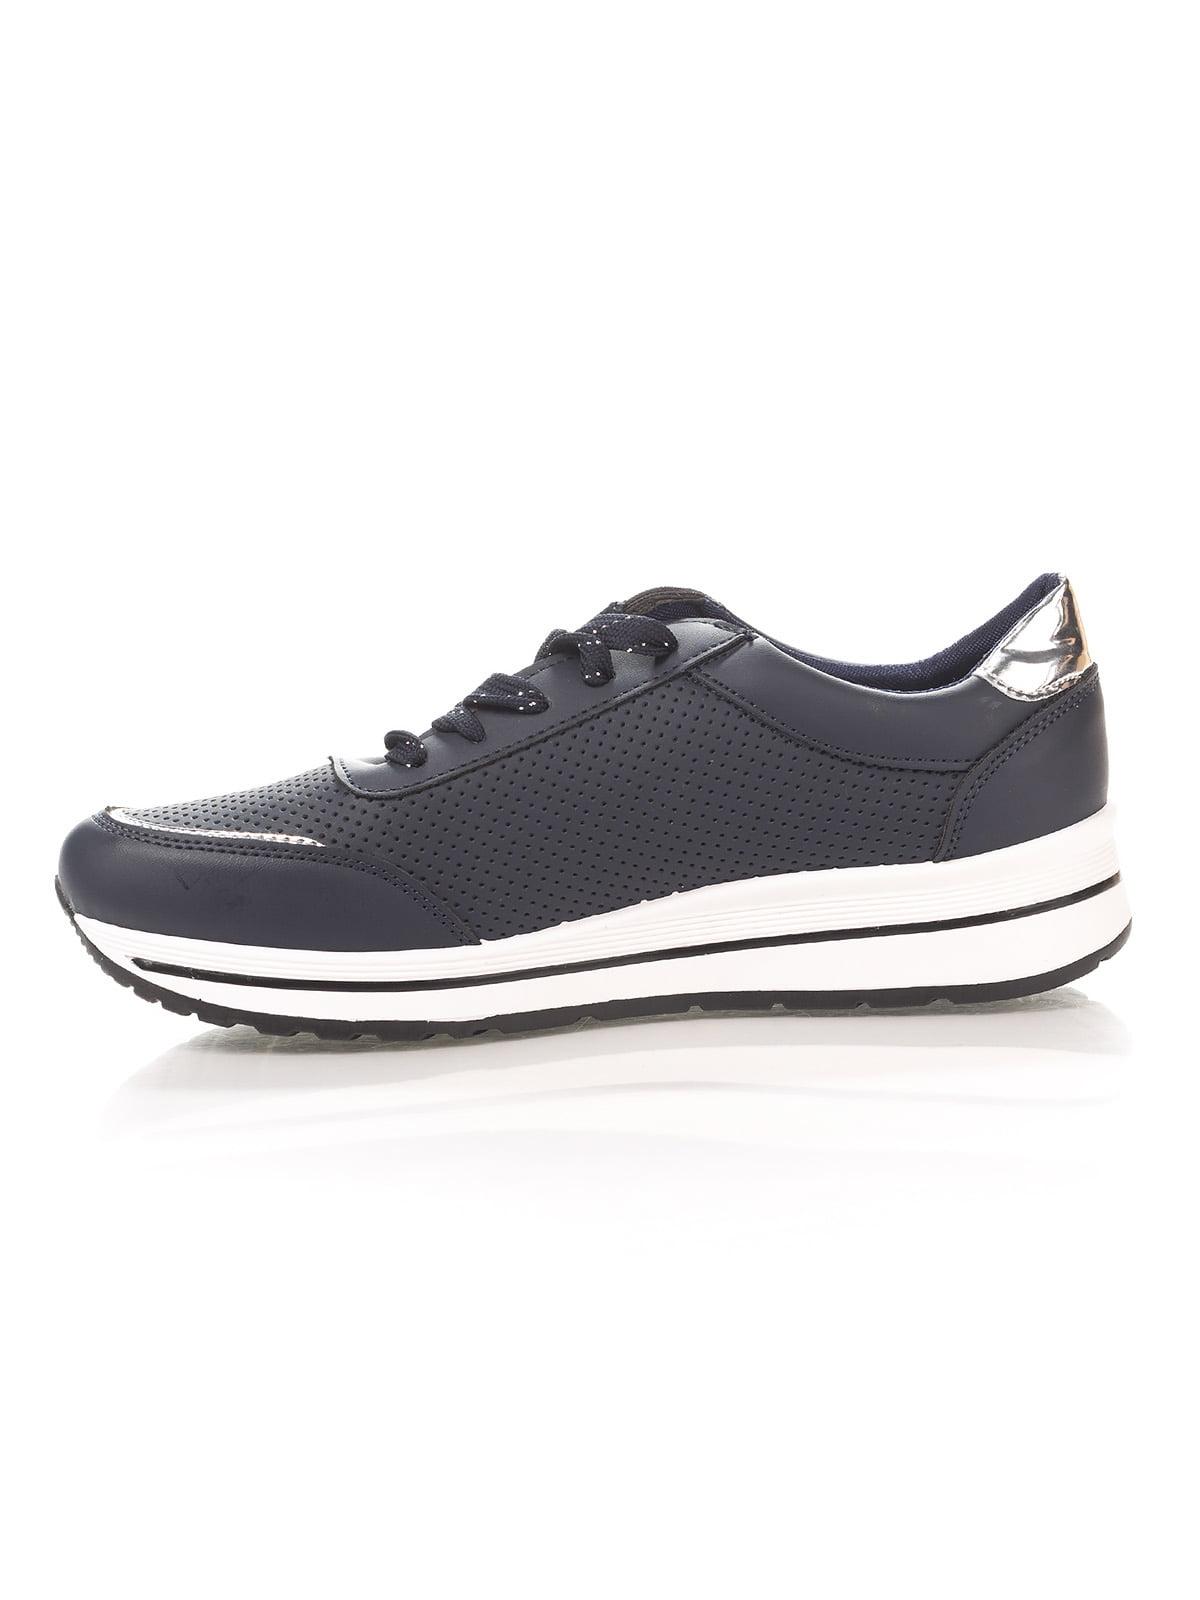 Кроссовки темно-синие | 4378527 | фото 2